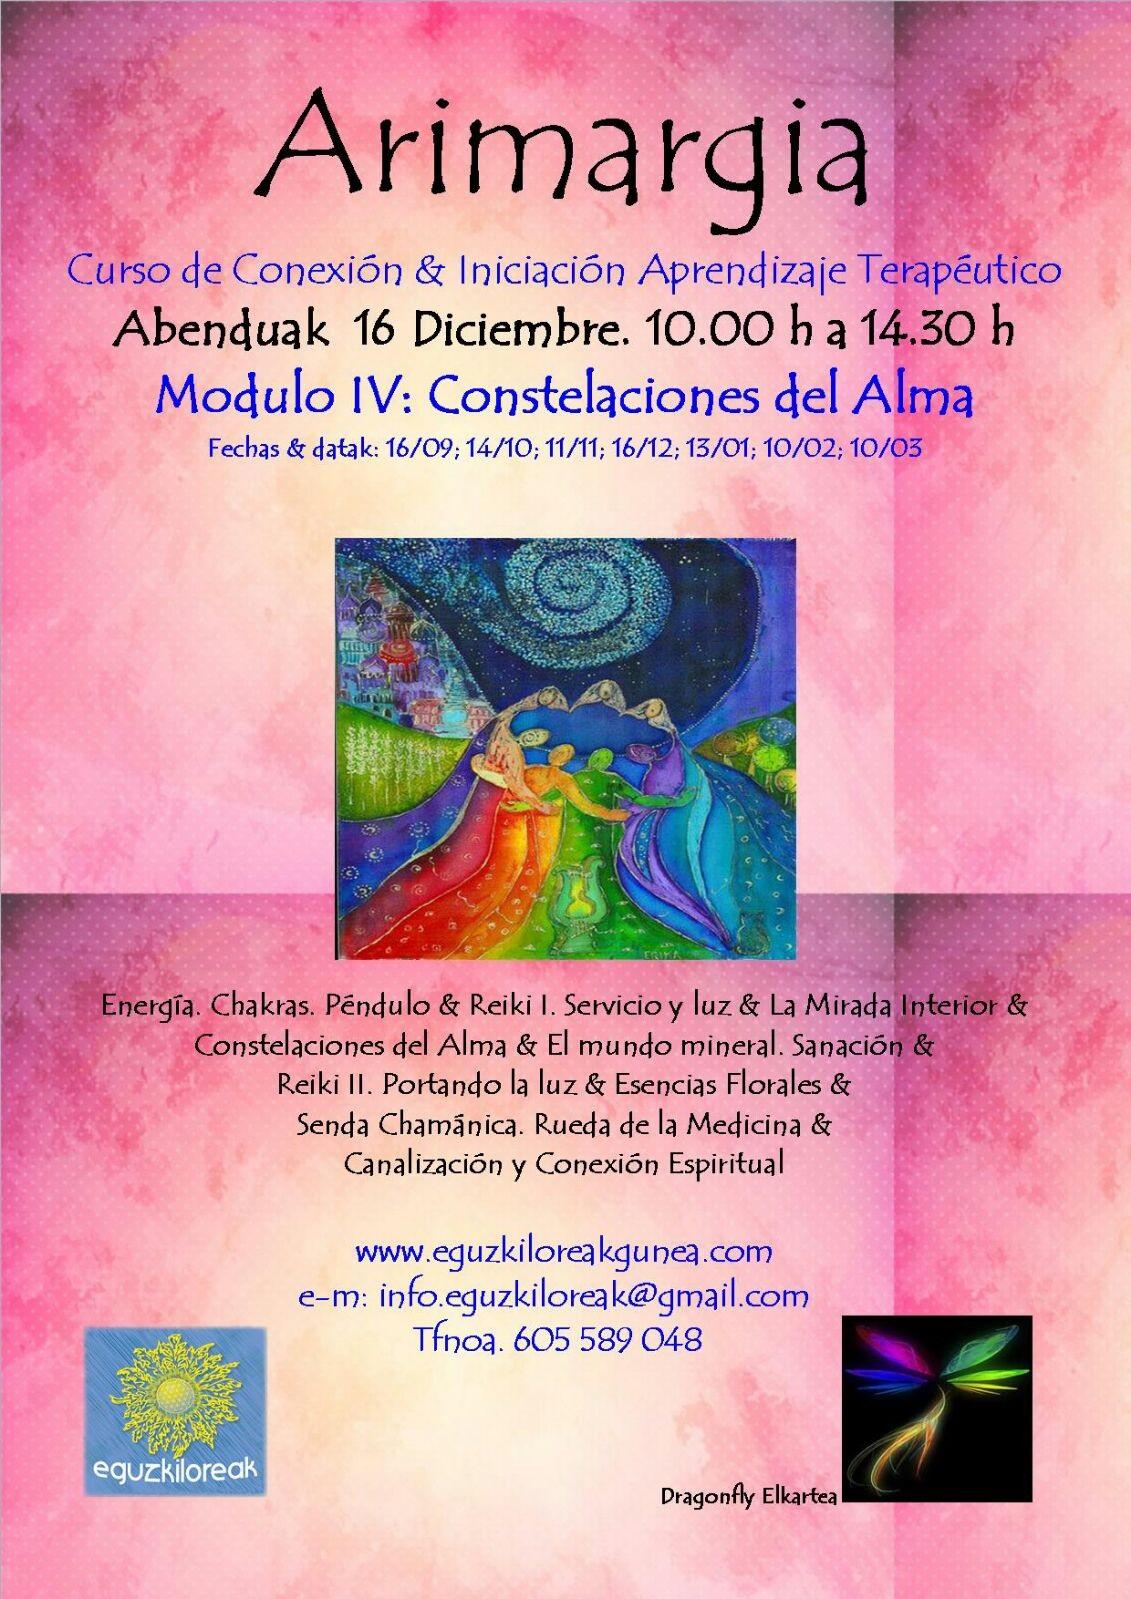 ARIMARGIA. Curso de conexión & iniciación aprendizaje terapeútico el Sábado 16 de Diciembre